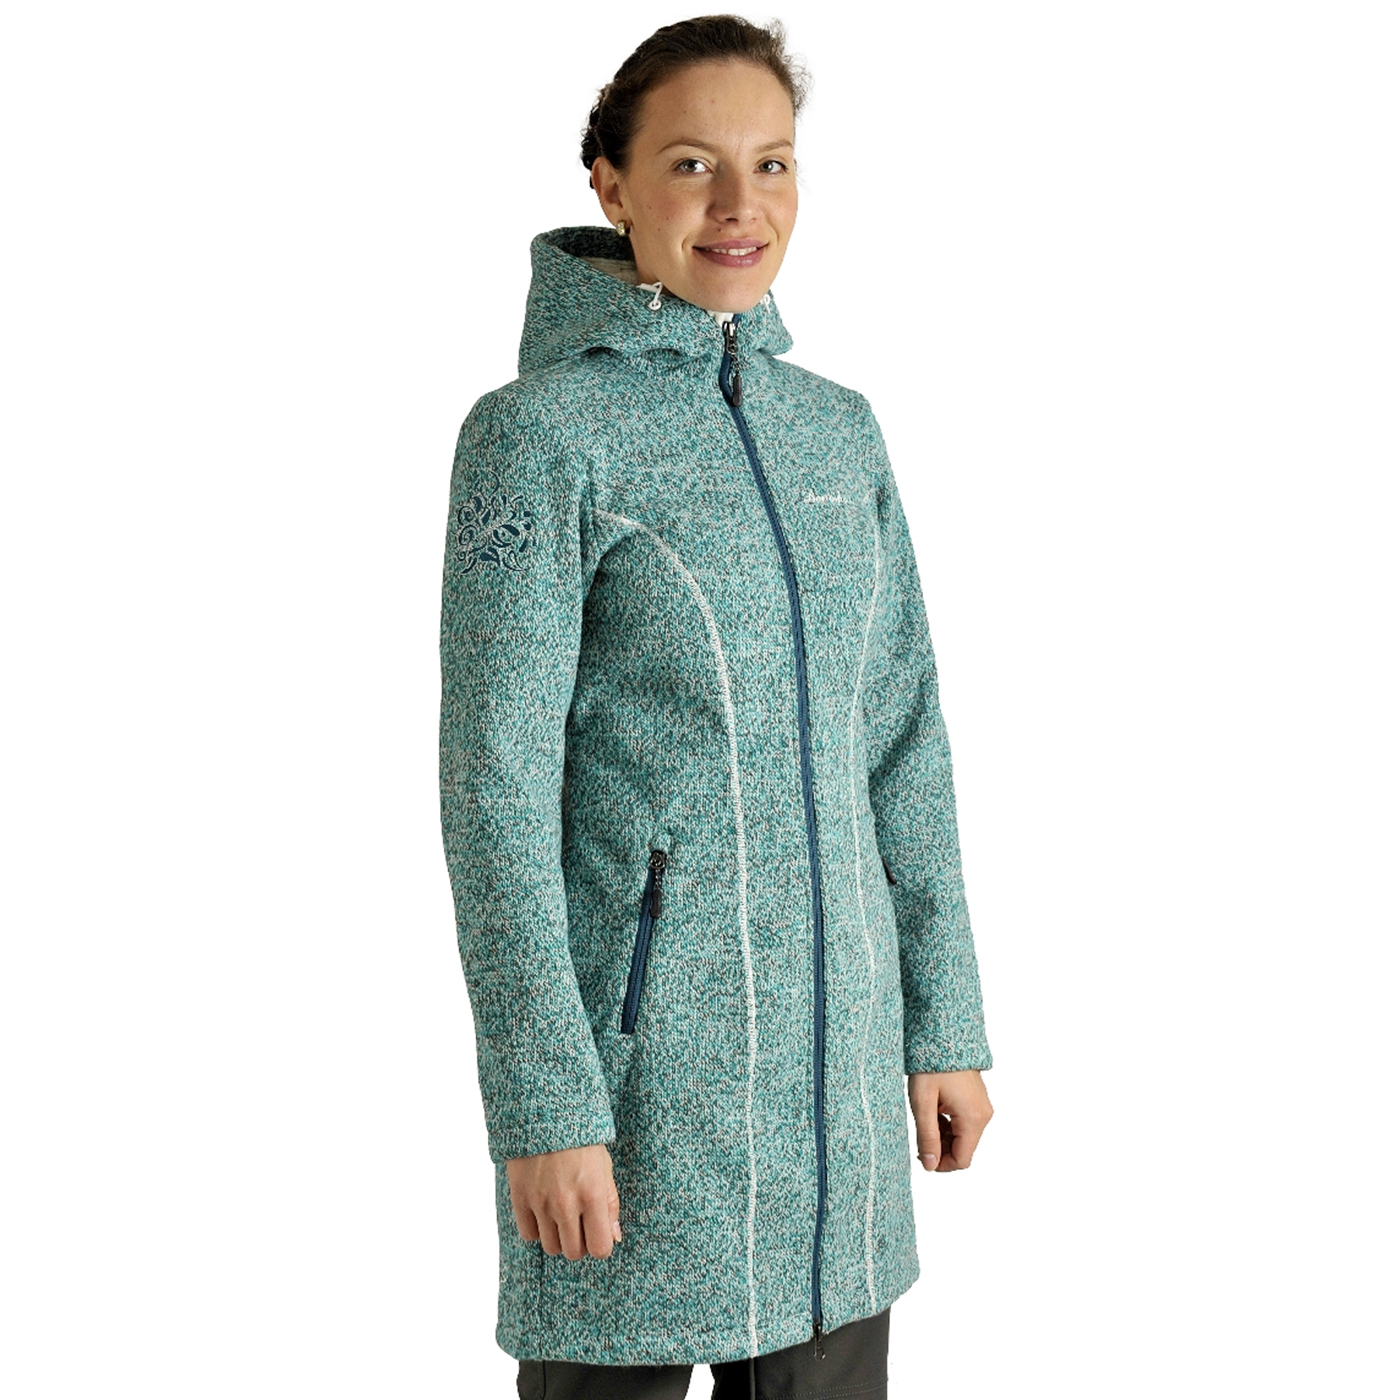 Benesport dámska bunda Pipitka - zelená, veľkosť XXL